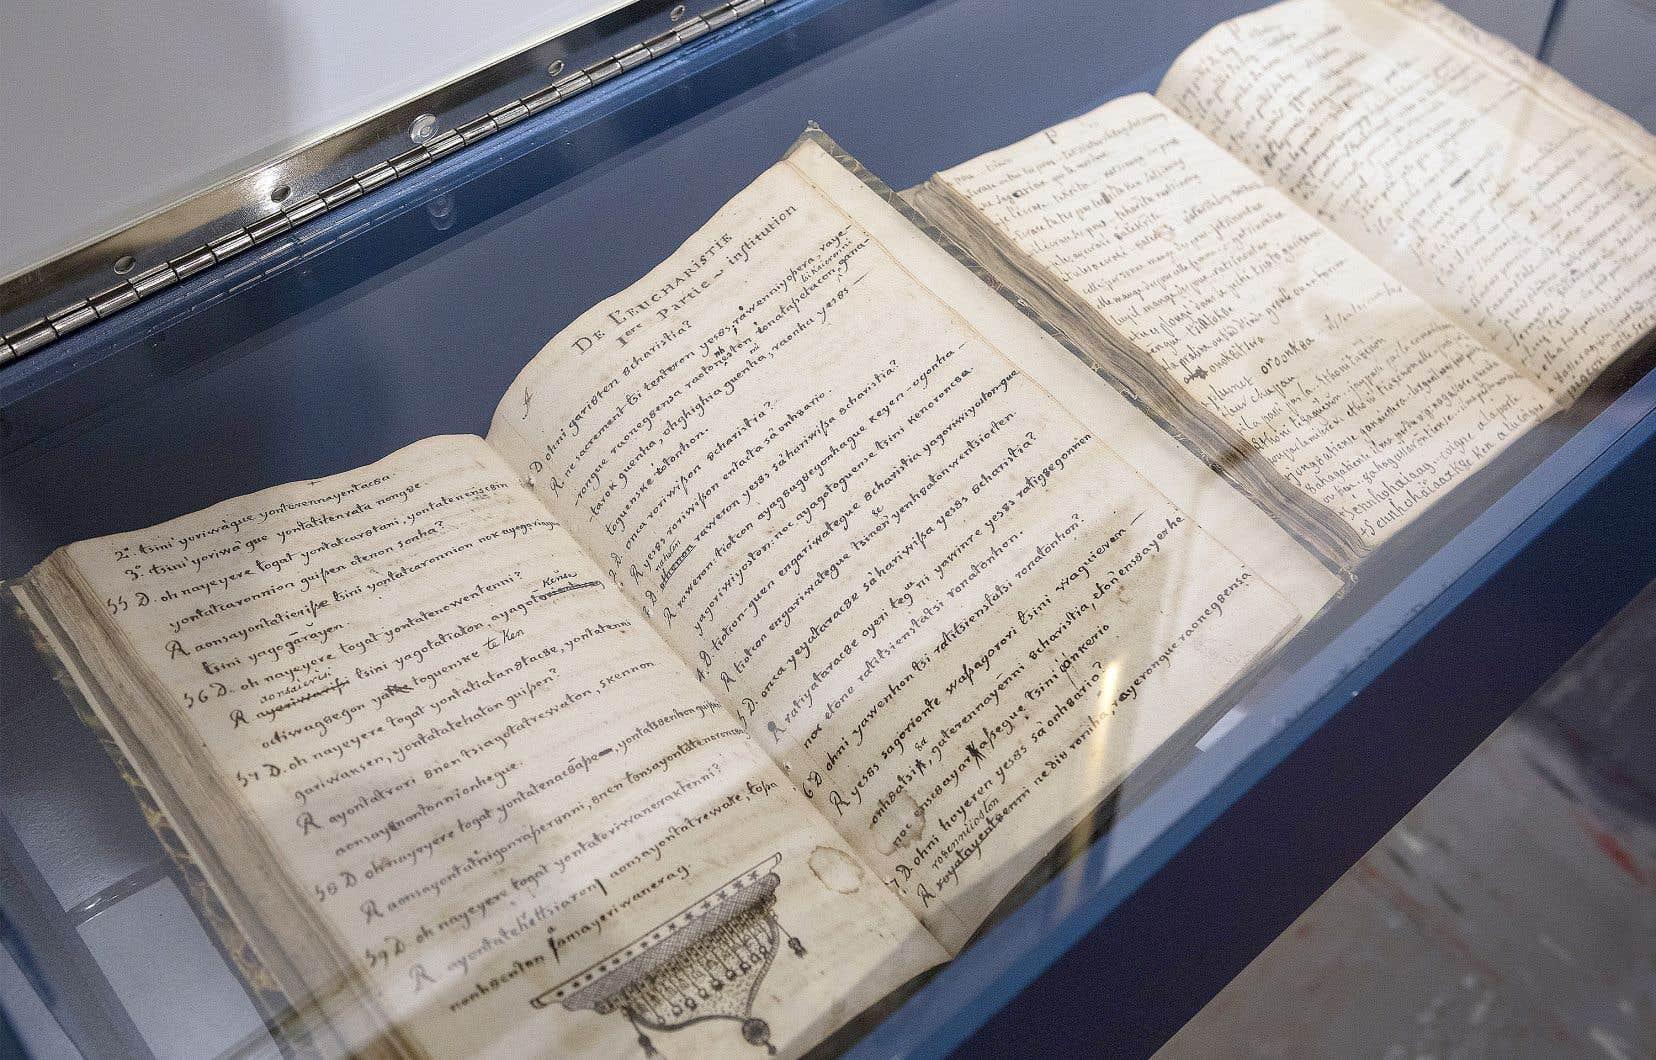 Les archives des Sulpiciens représentent l'équivalent d'un kilomètre de documents textuels. Il faut ajouter notamment à cela 75000 pièces iconographiques et plus de 8000 cartes géographiques. Sur la photo, le vieux séminaire de Saint-Sulpice, à Montréal.